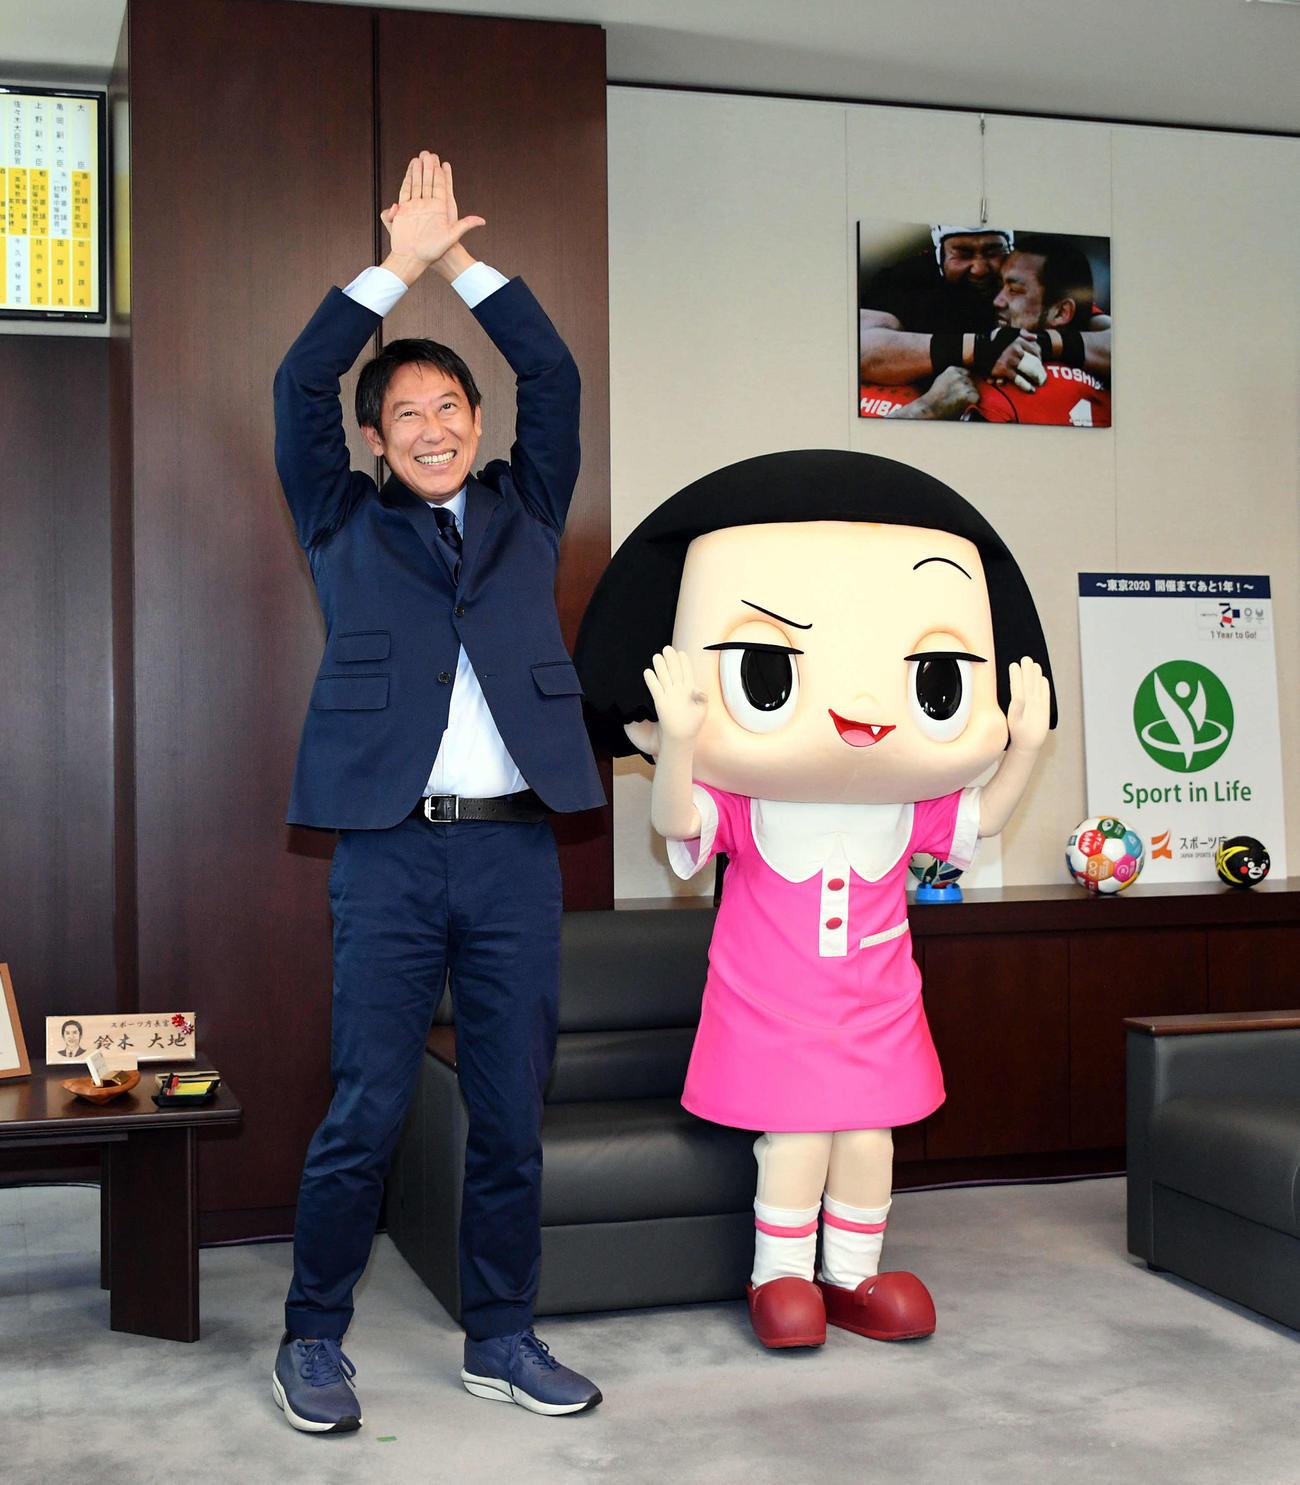 鈴木大地スポーツ庁長官(左)と女性スポーツアンバサダーに任命されたNHK人気番組チコちゃんはバサロ泳法を披露(2019年10月30日撮影)